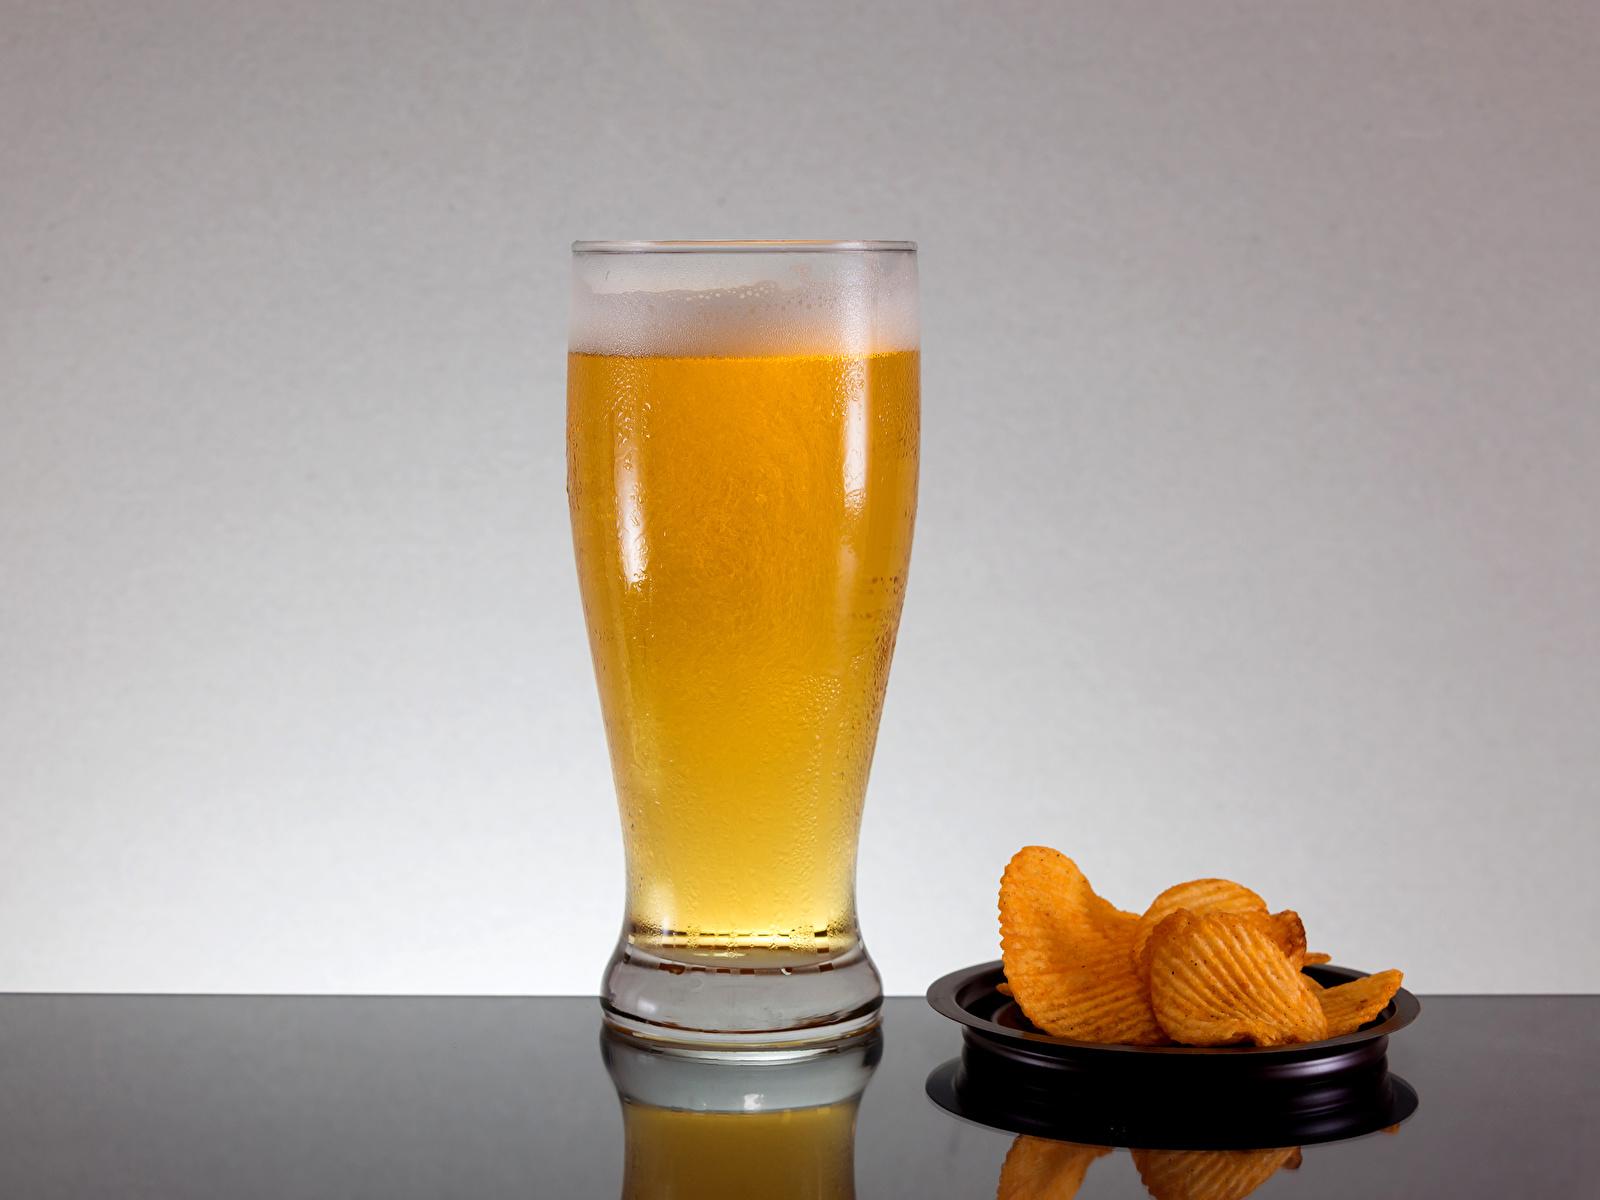 Фотография Пиво Чипсы стакане Еда Пена 1600x1200 Стакан стакана пене Пища пеной Продукты питания